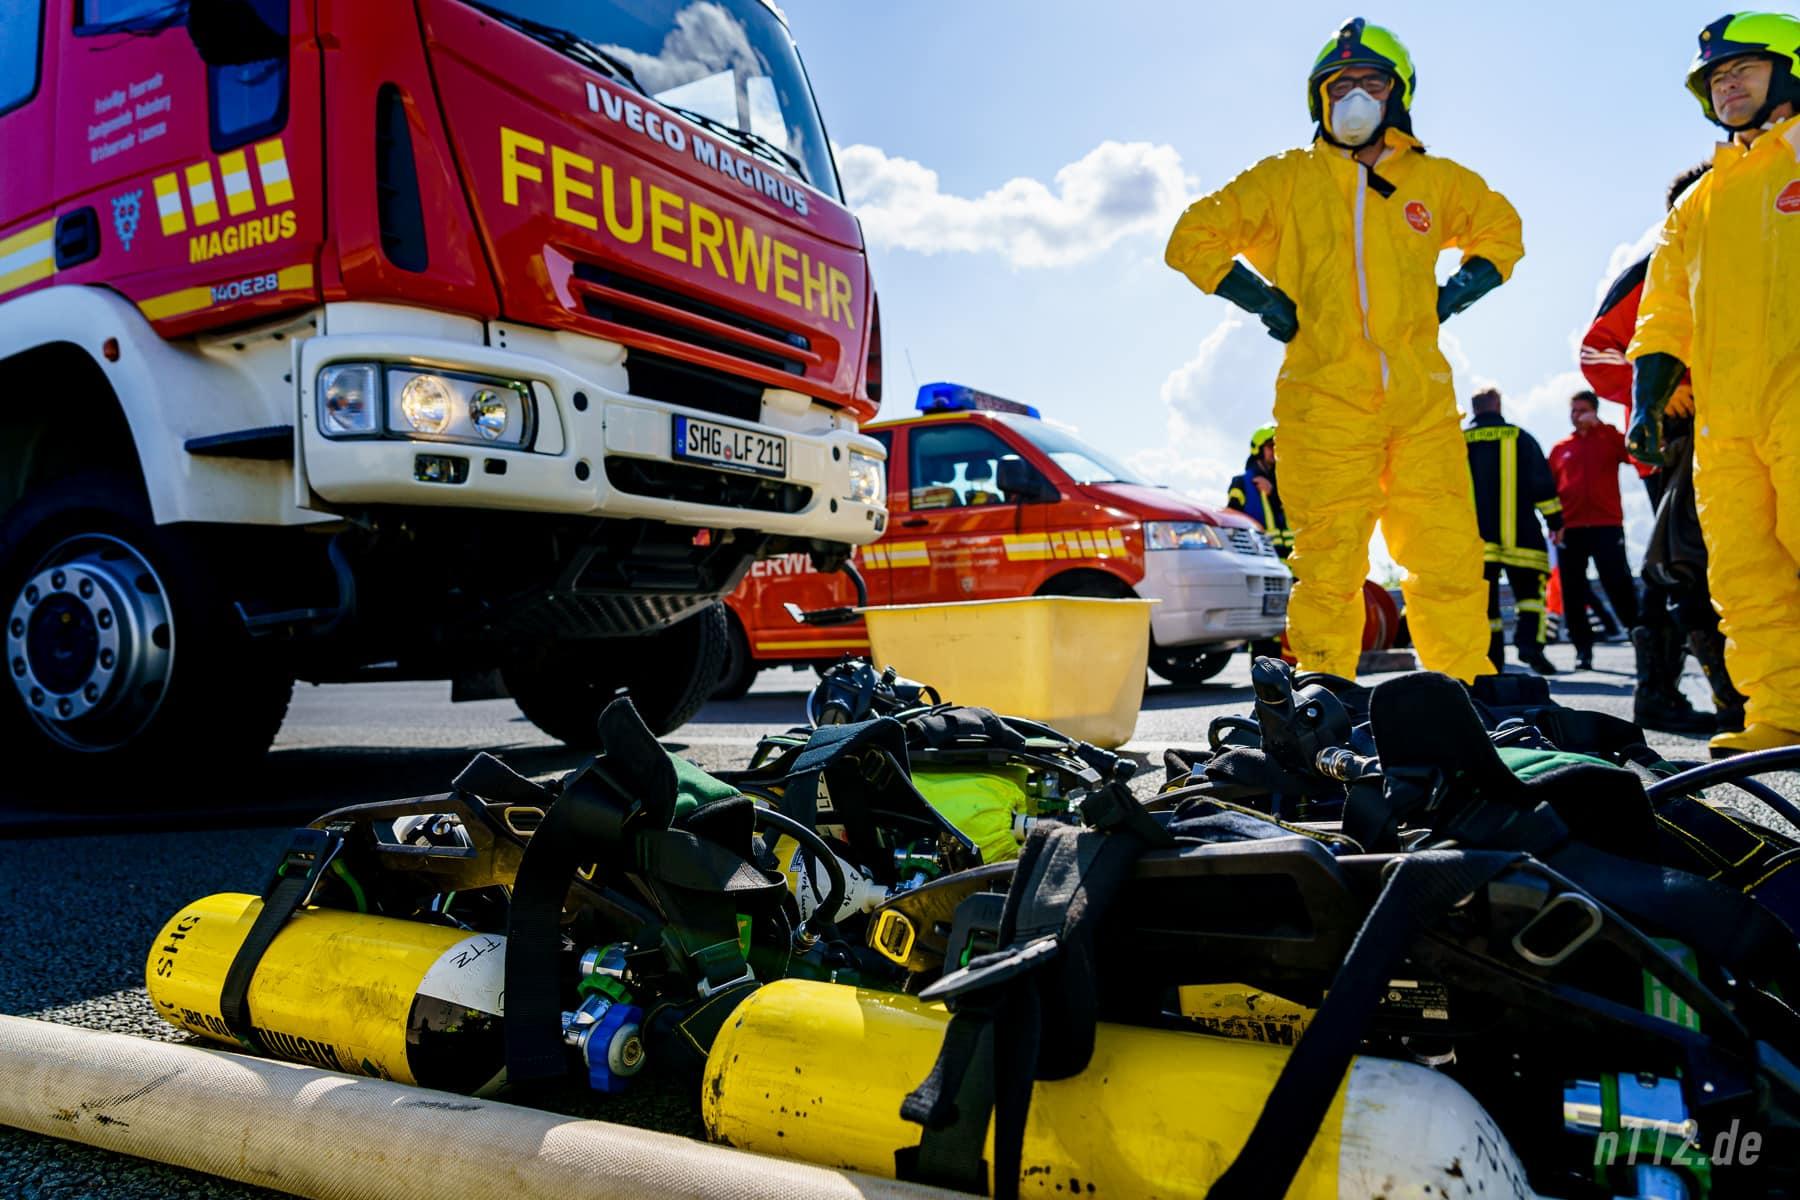 """Spezialisten der """"Einsatzstellenhygiene"""" (Foto: n112.de/Stefan Simonsen)"""